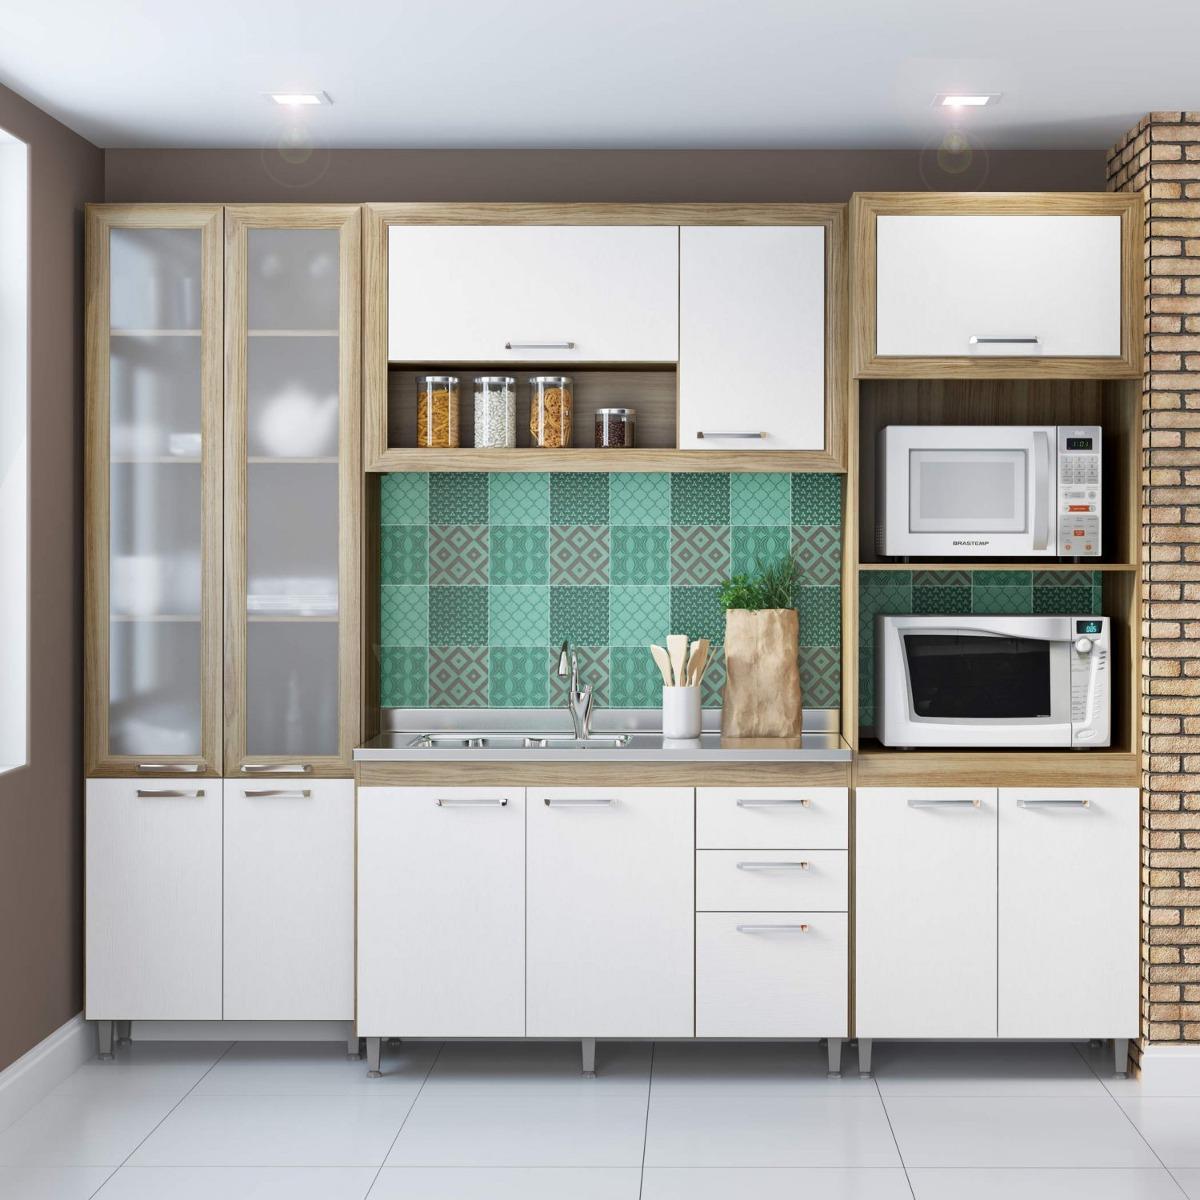 Cozinha Completa Com Balc O Sem Tampo E Paneleiro Ed R 1 769 90